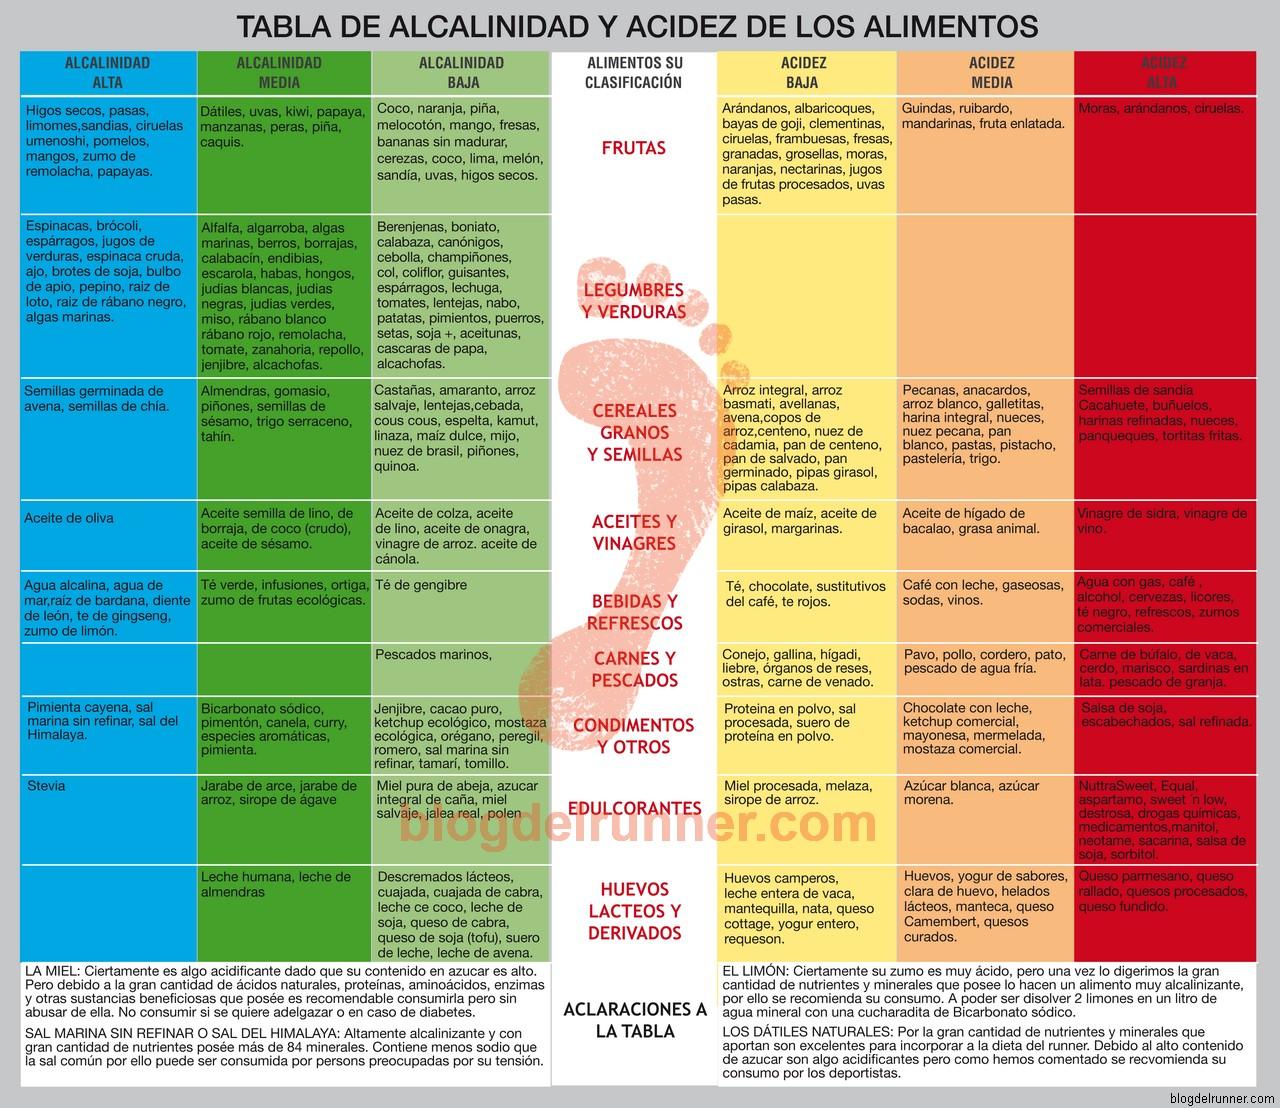 La acidosis un peligro oculto para el runner - Tabla de alimentos alcalinos y acidos ...